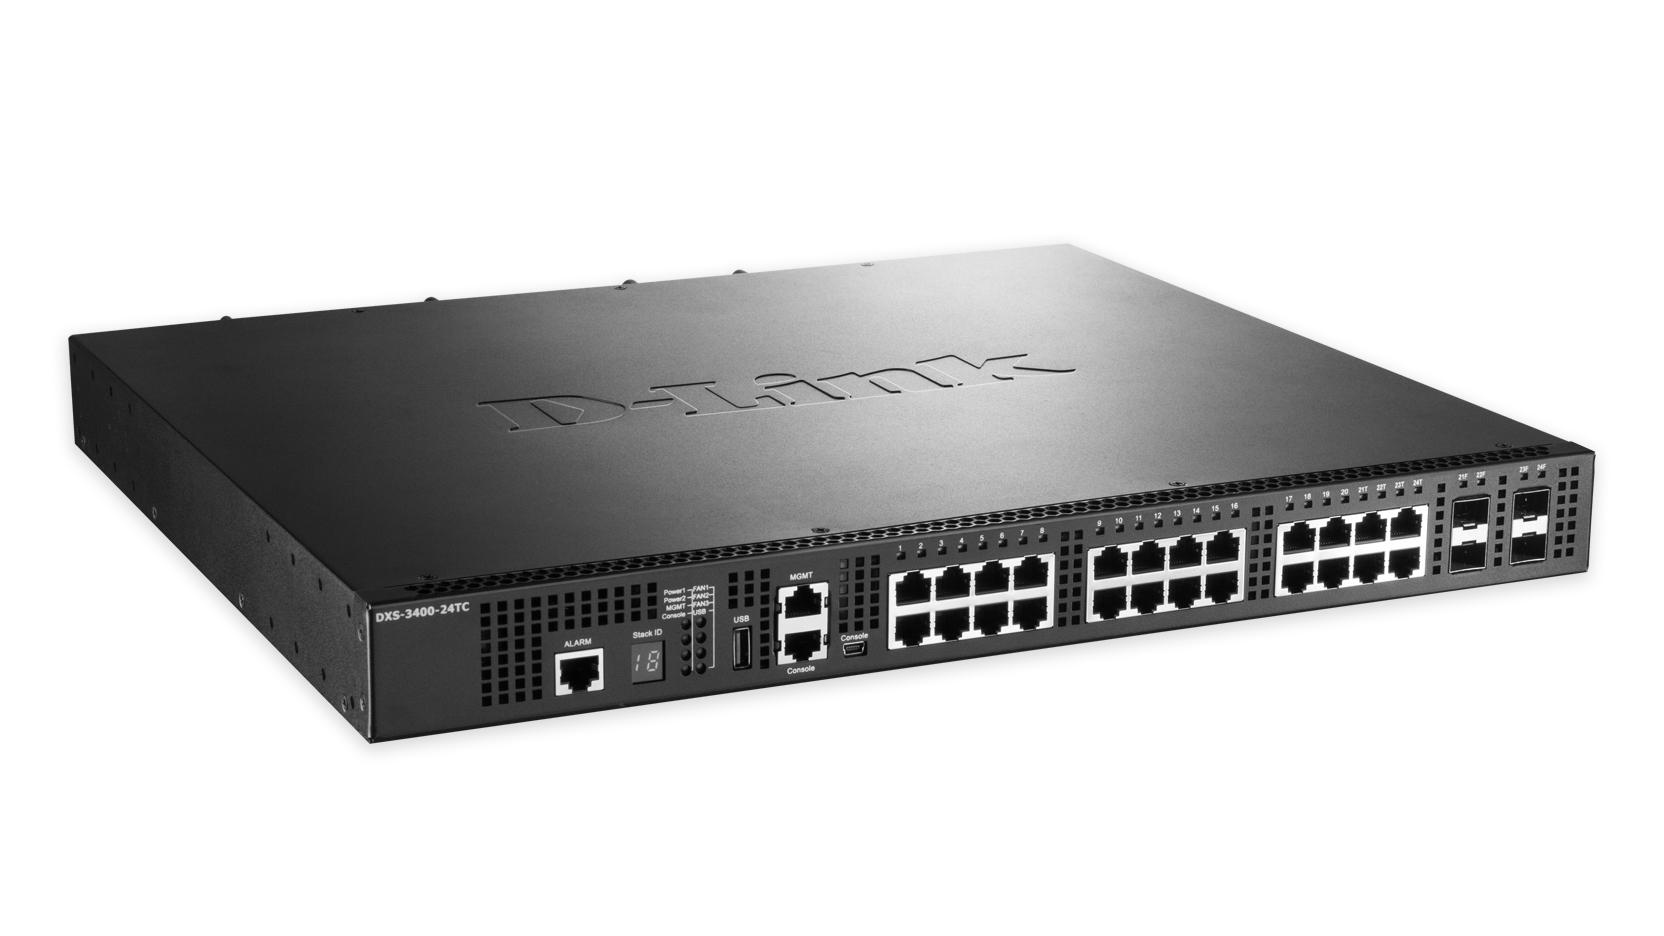 D-Link DXS-3400-24TC Managed L3 Gigabit Ethernet (10/100/1000) Black network switch